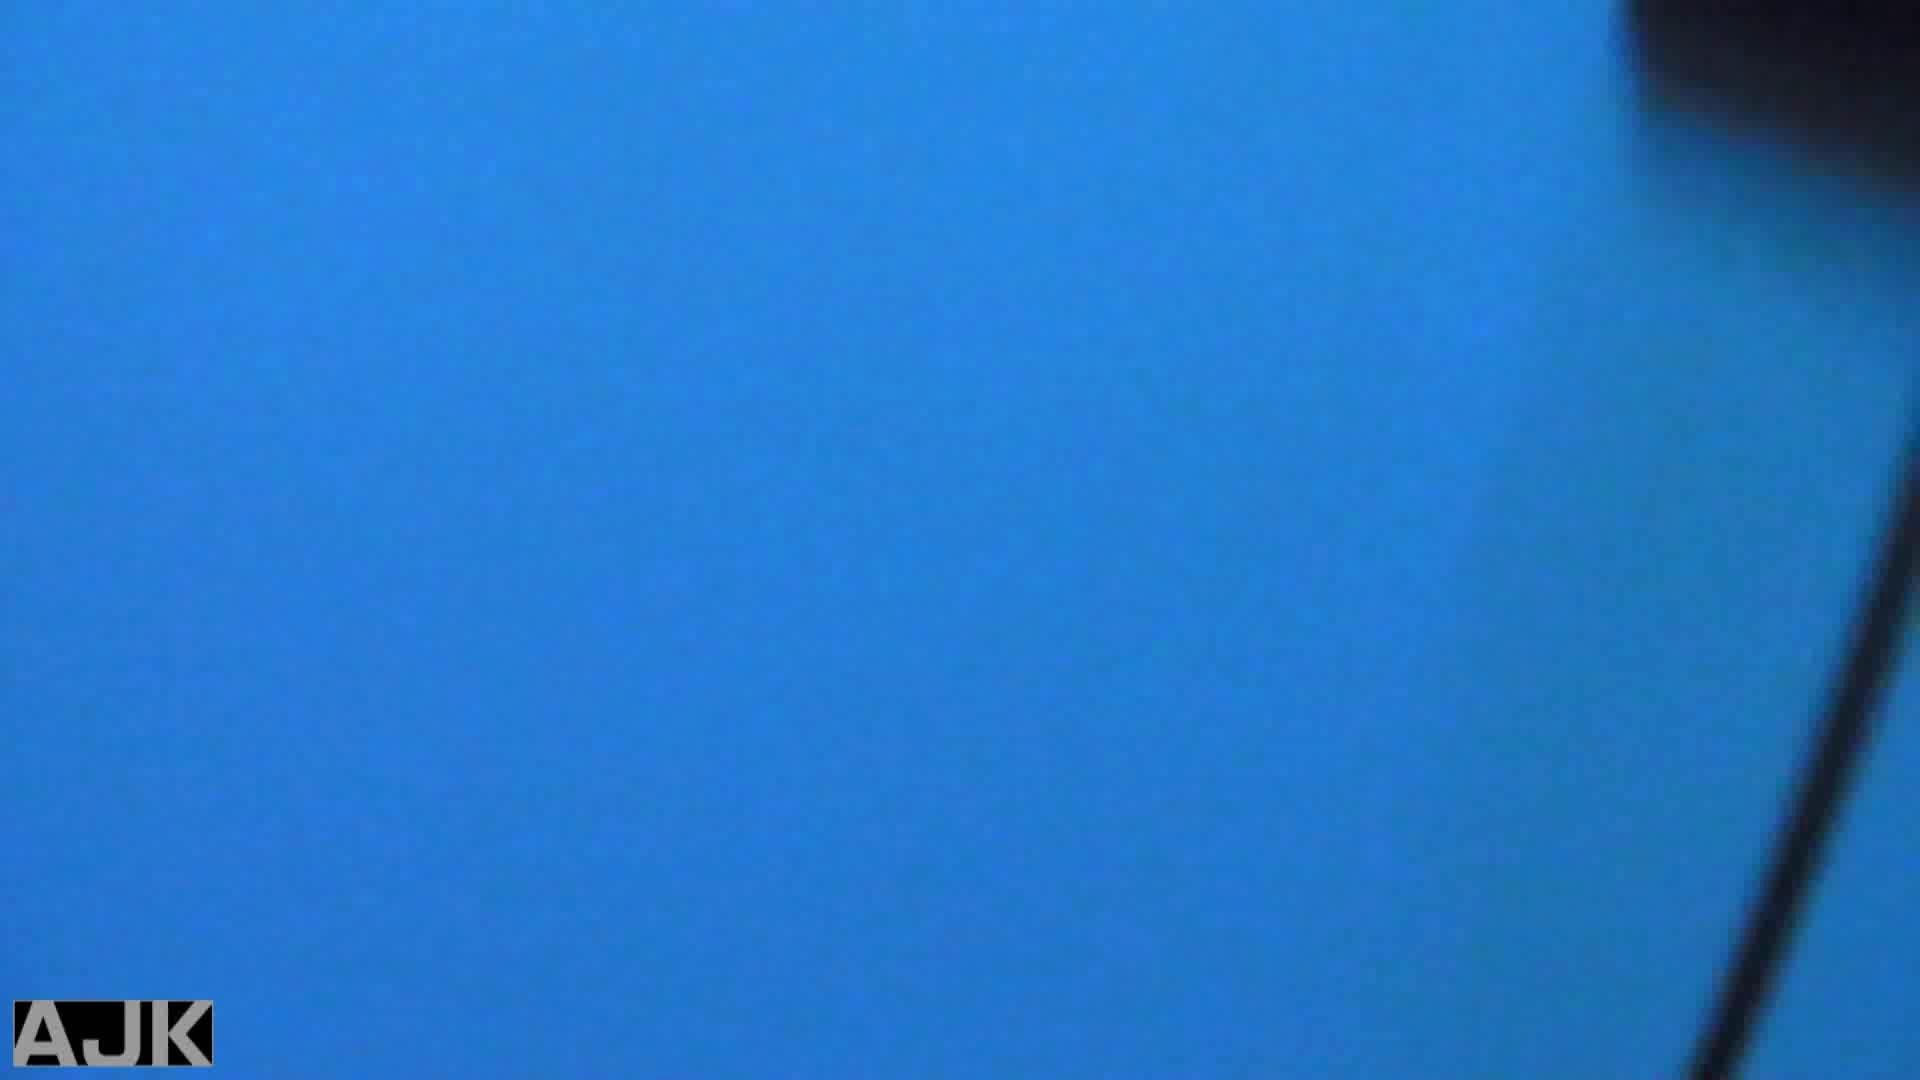 神降臨!史上最強の潜入かわや! vol.05 盗撮師作品 ヌード画像 69pic 38